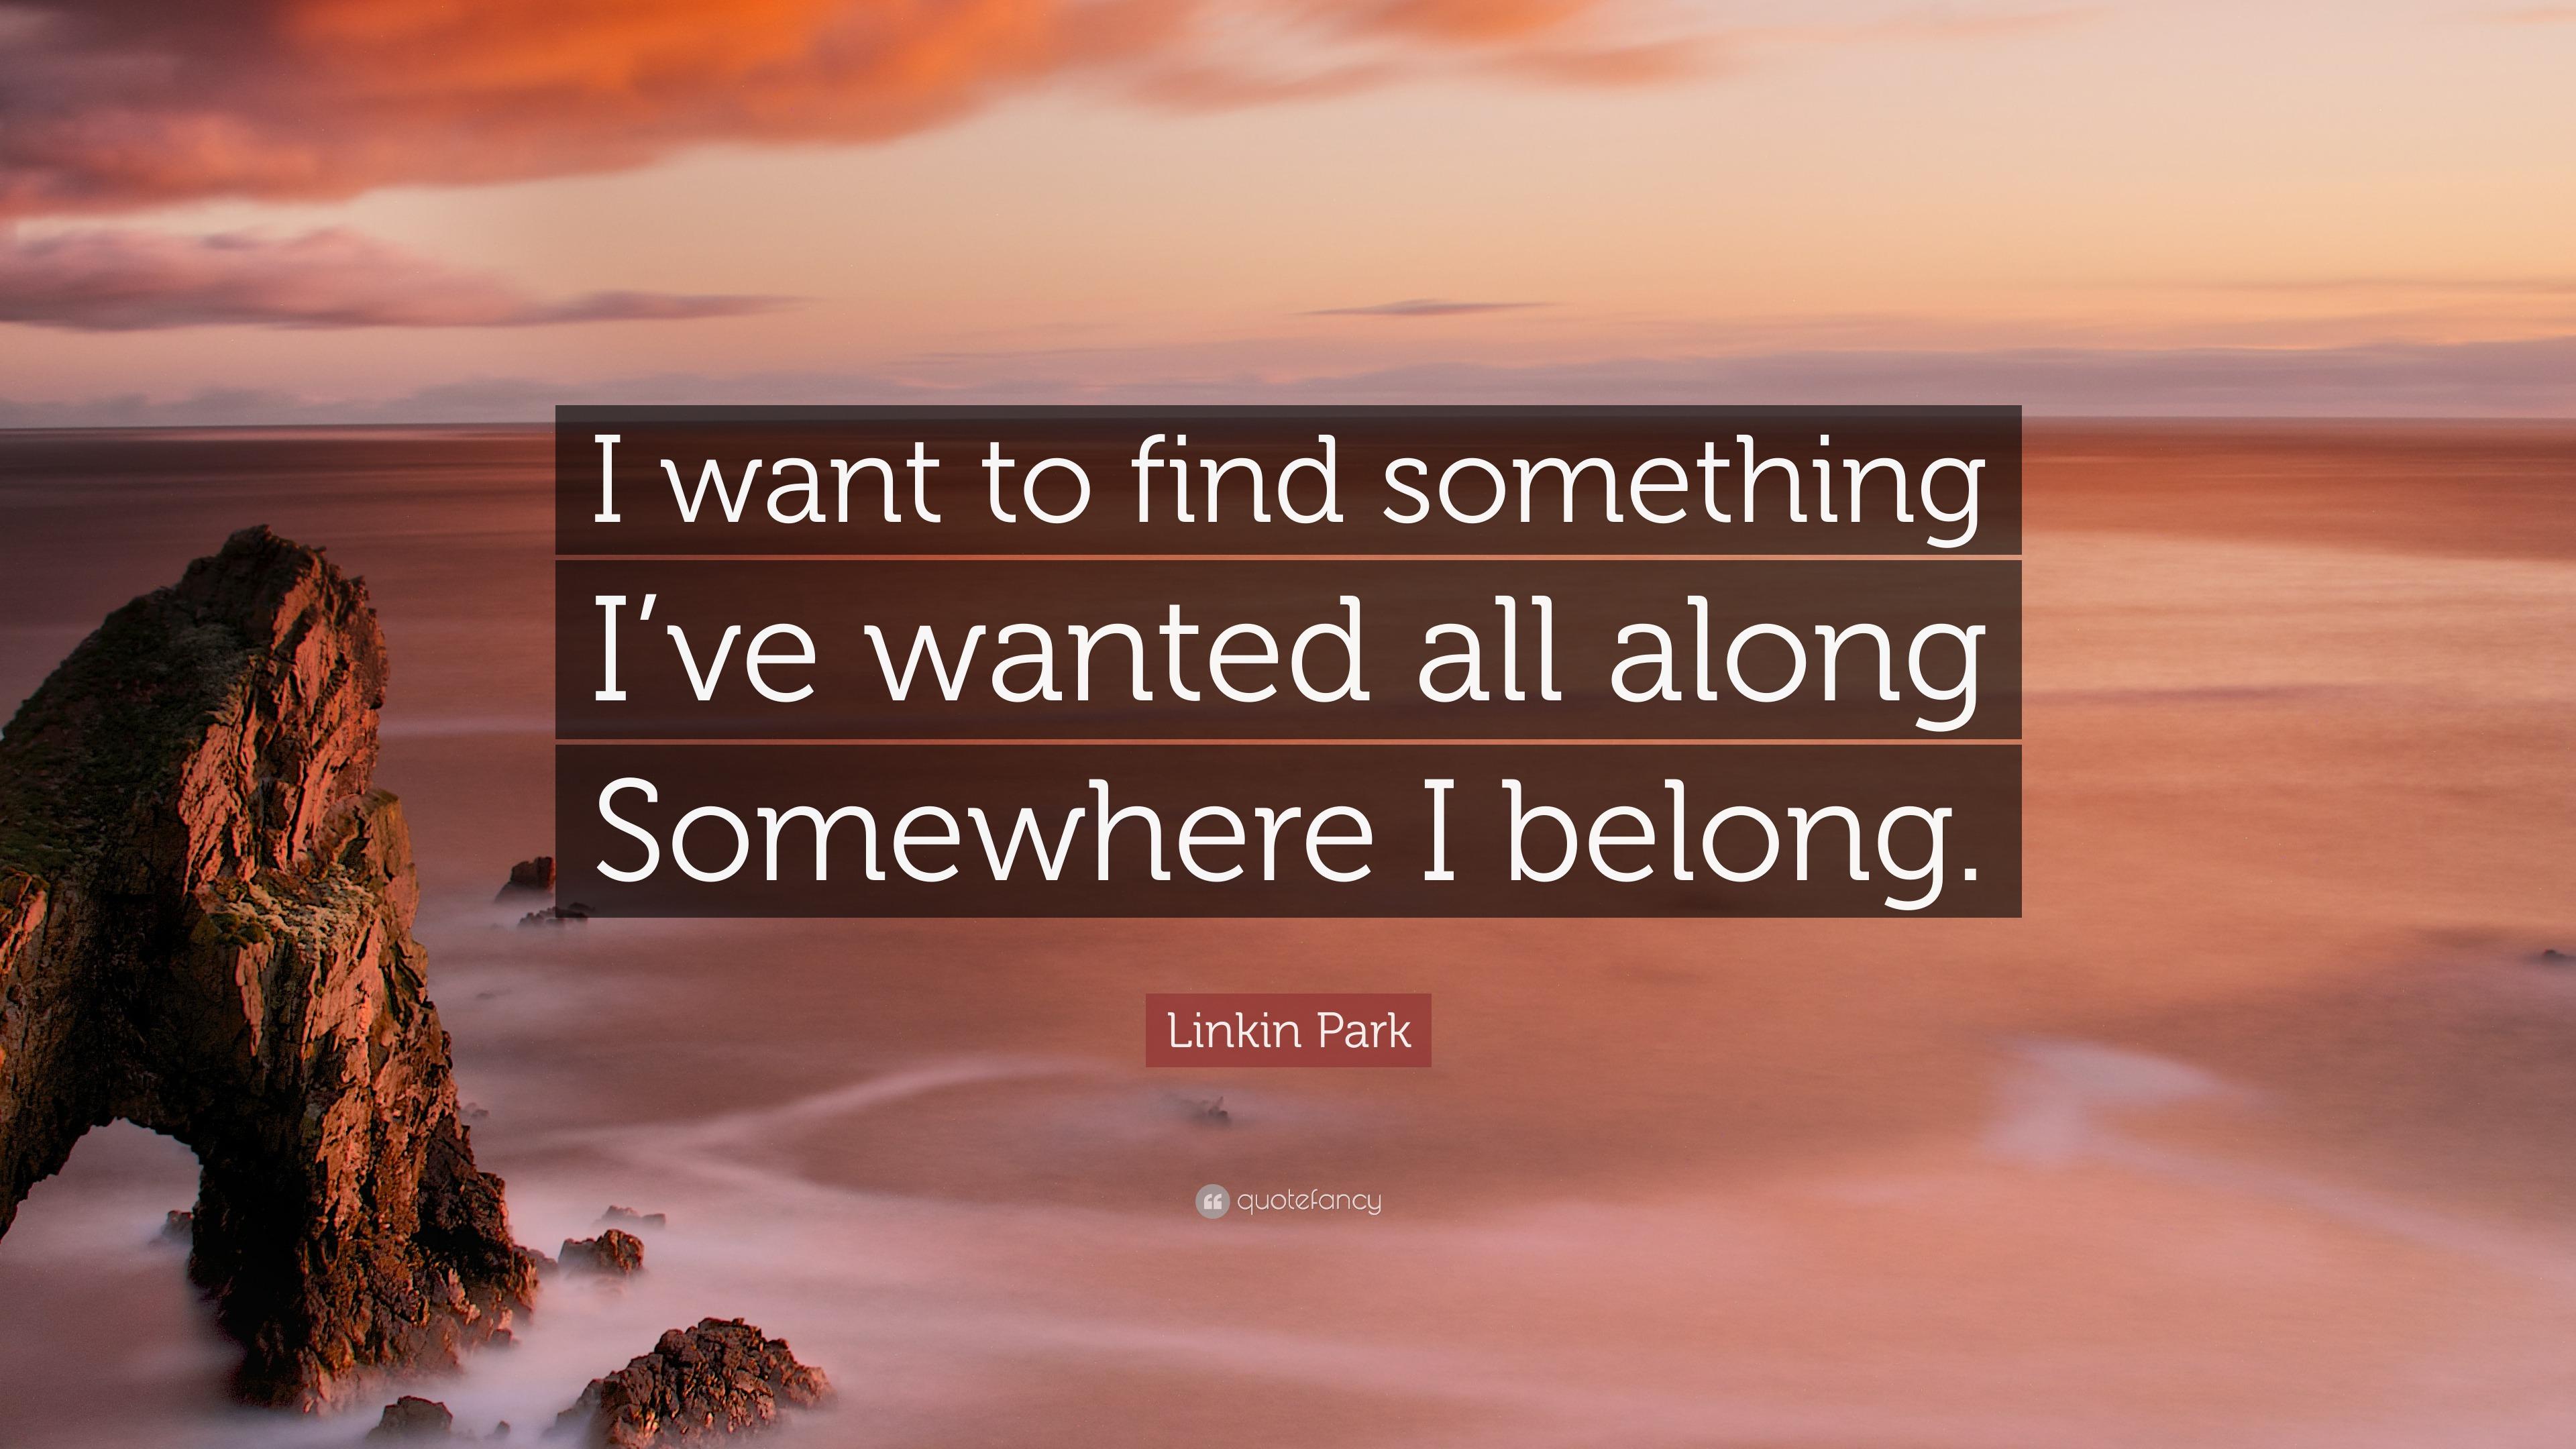 Somewhere i belong essay